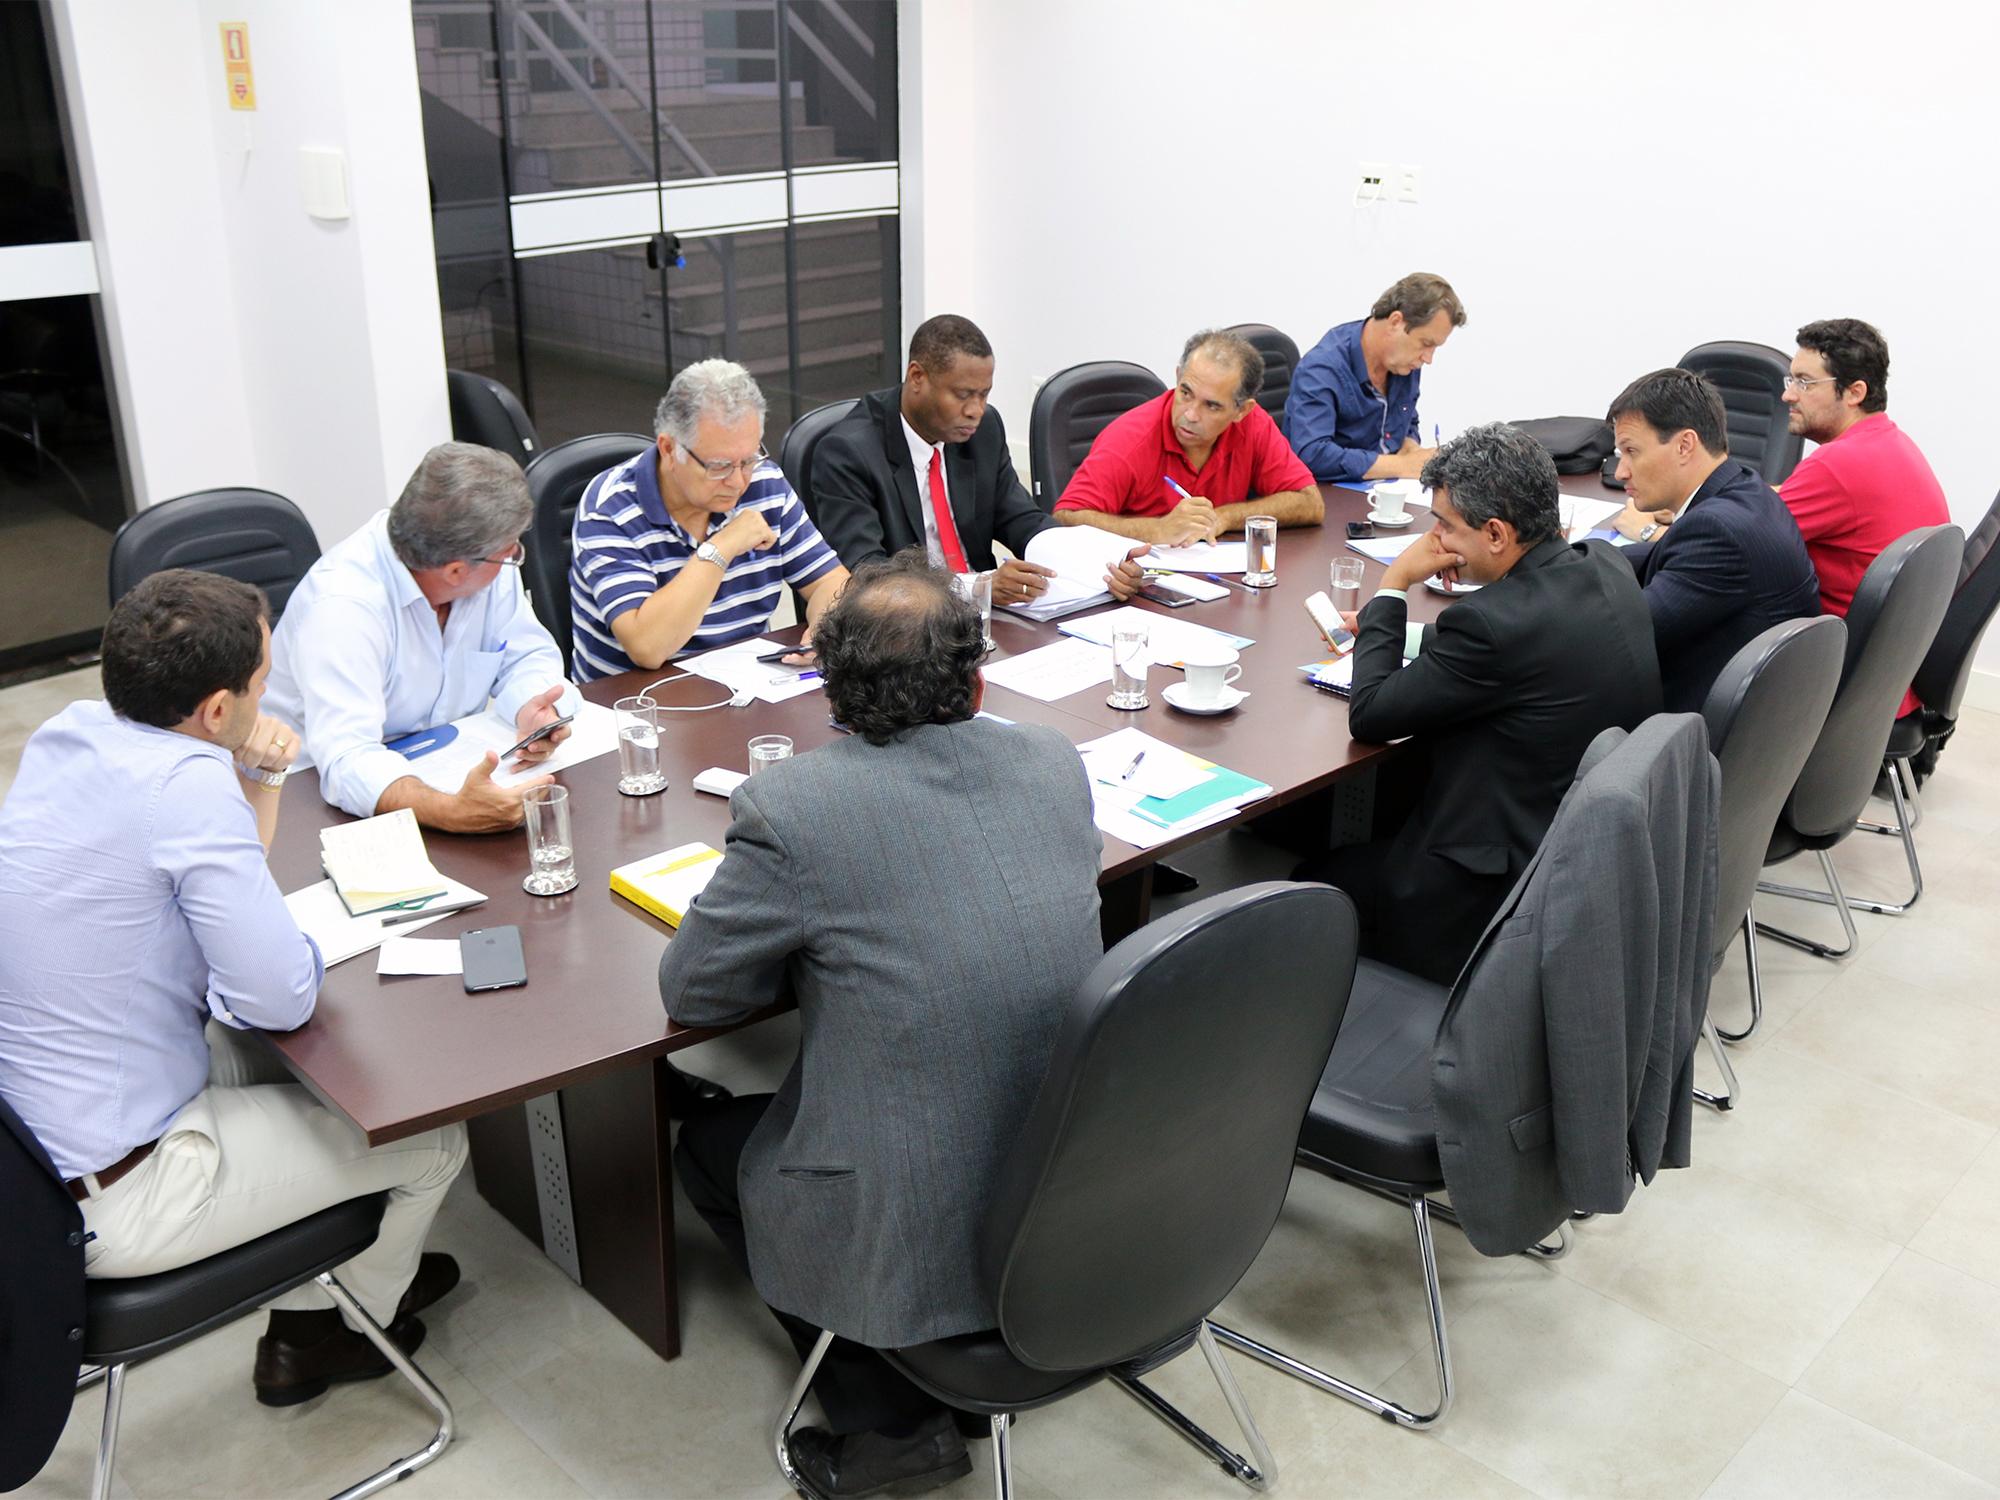 Encontro da Pública-DF debateu Reforma da Previdência. Fotos: Filipe Calmon / ANESP